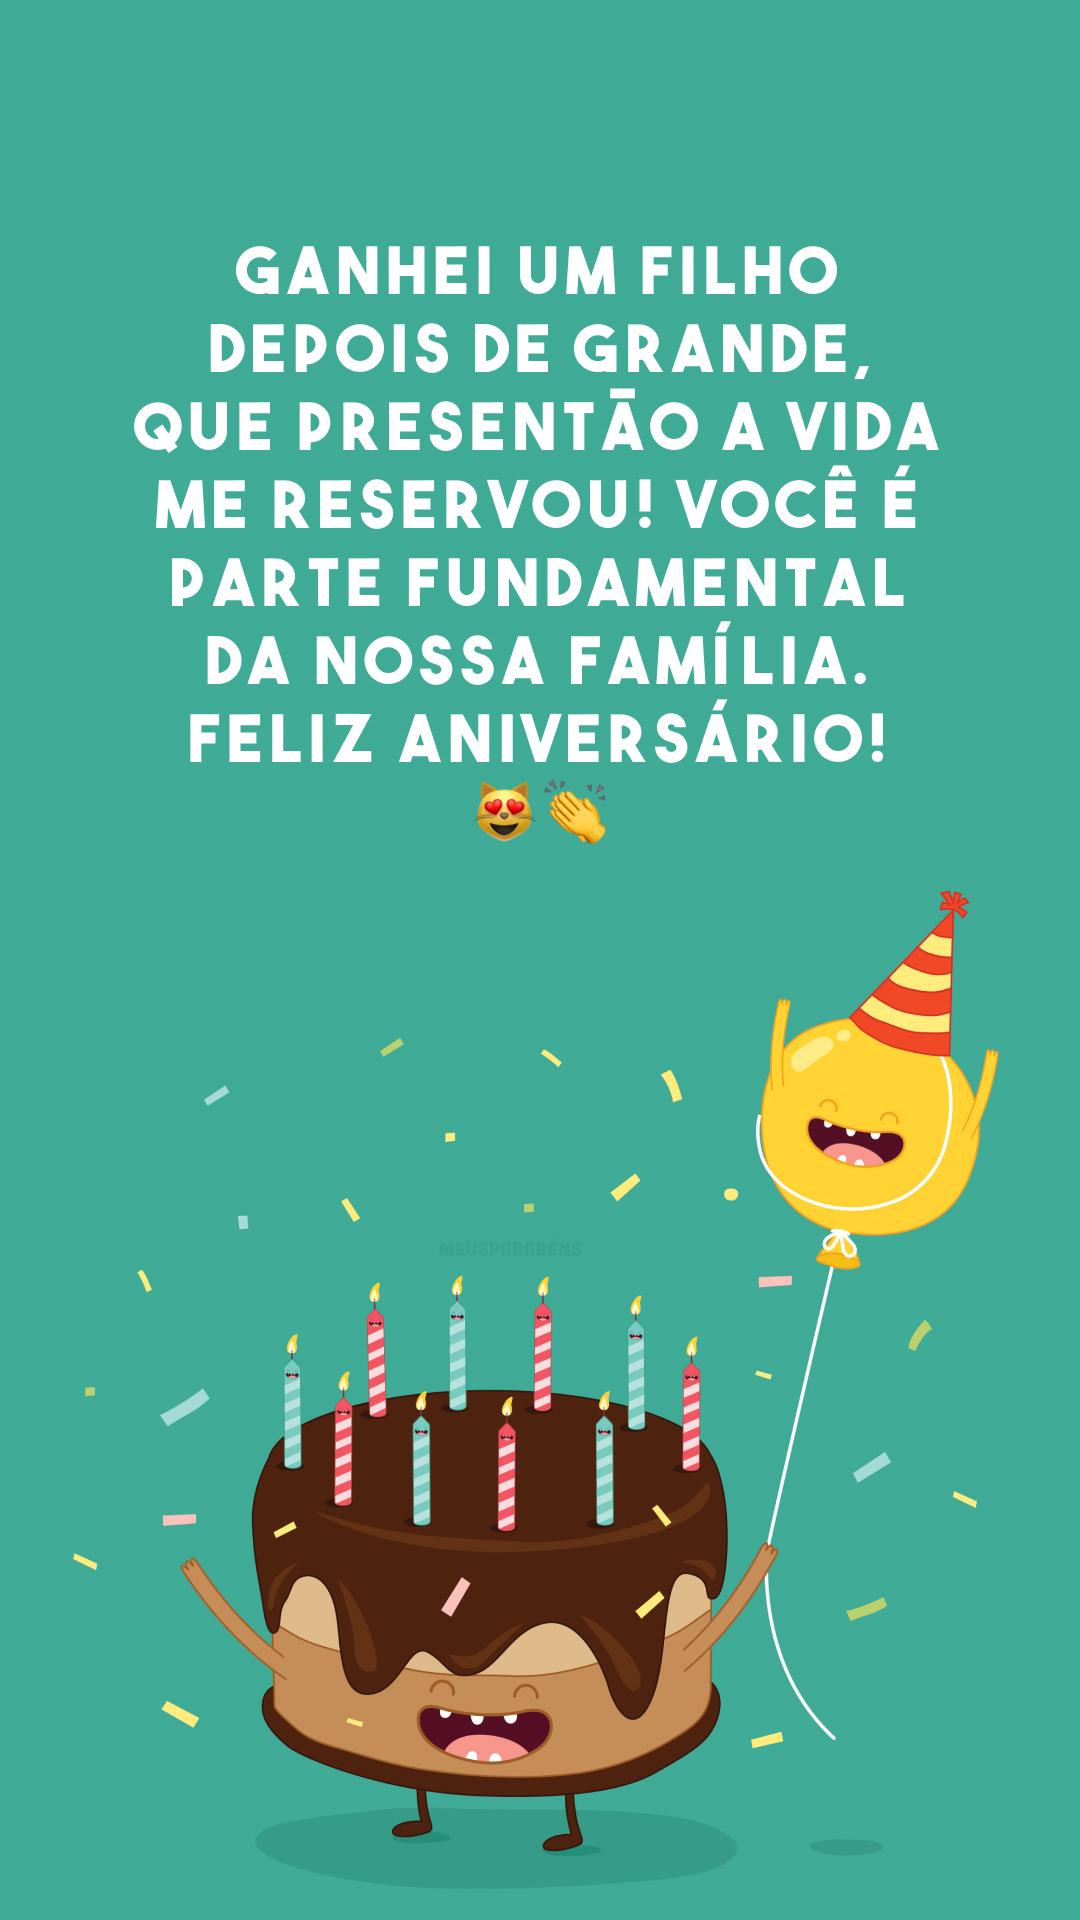 Ganhei um filho depois de grande, que presentão a vida me reservou! Você é parte fundamental da nossa família. Feliz aniversário! 😻👏